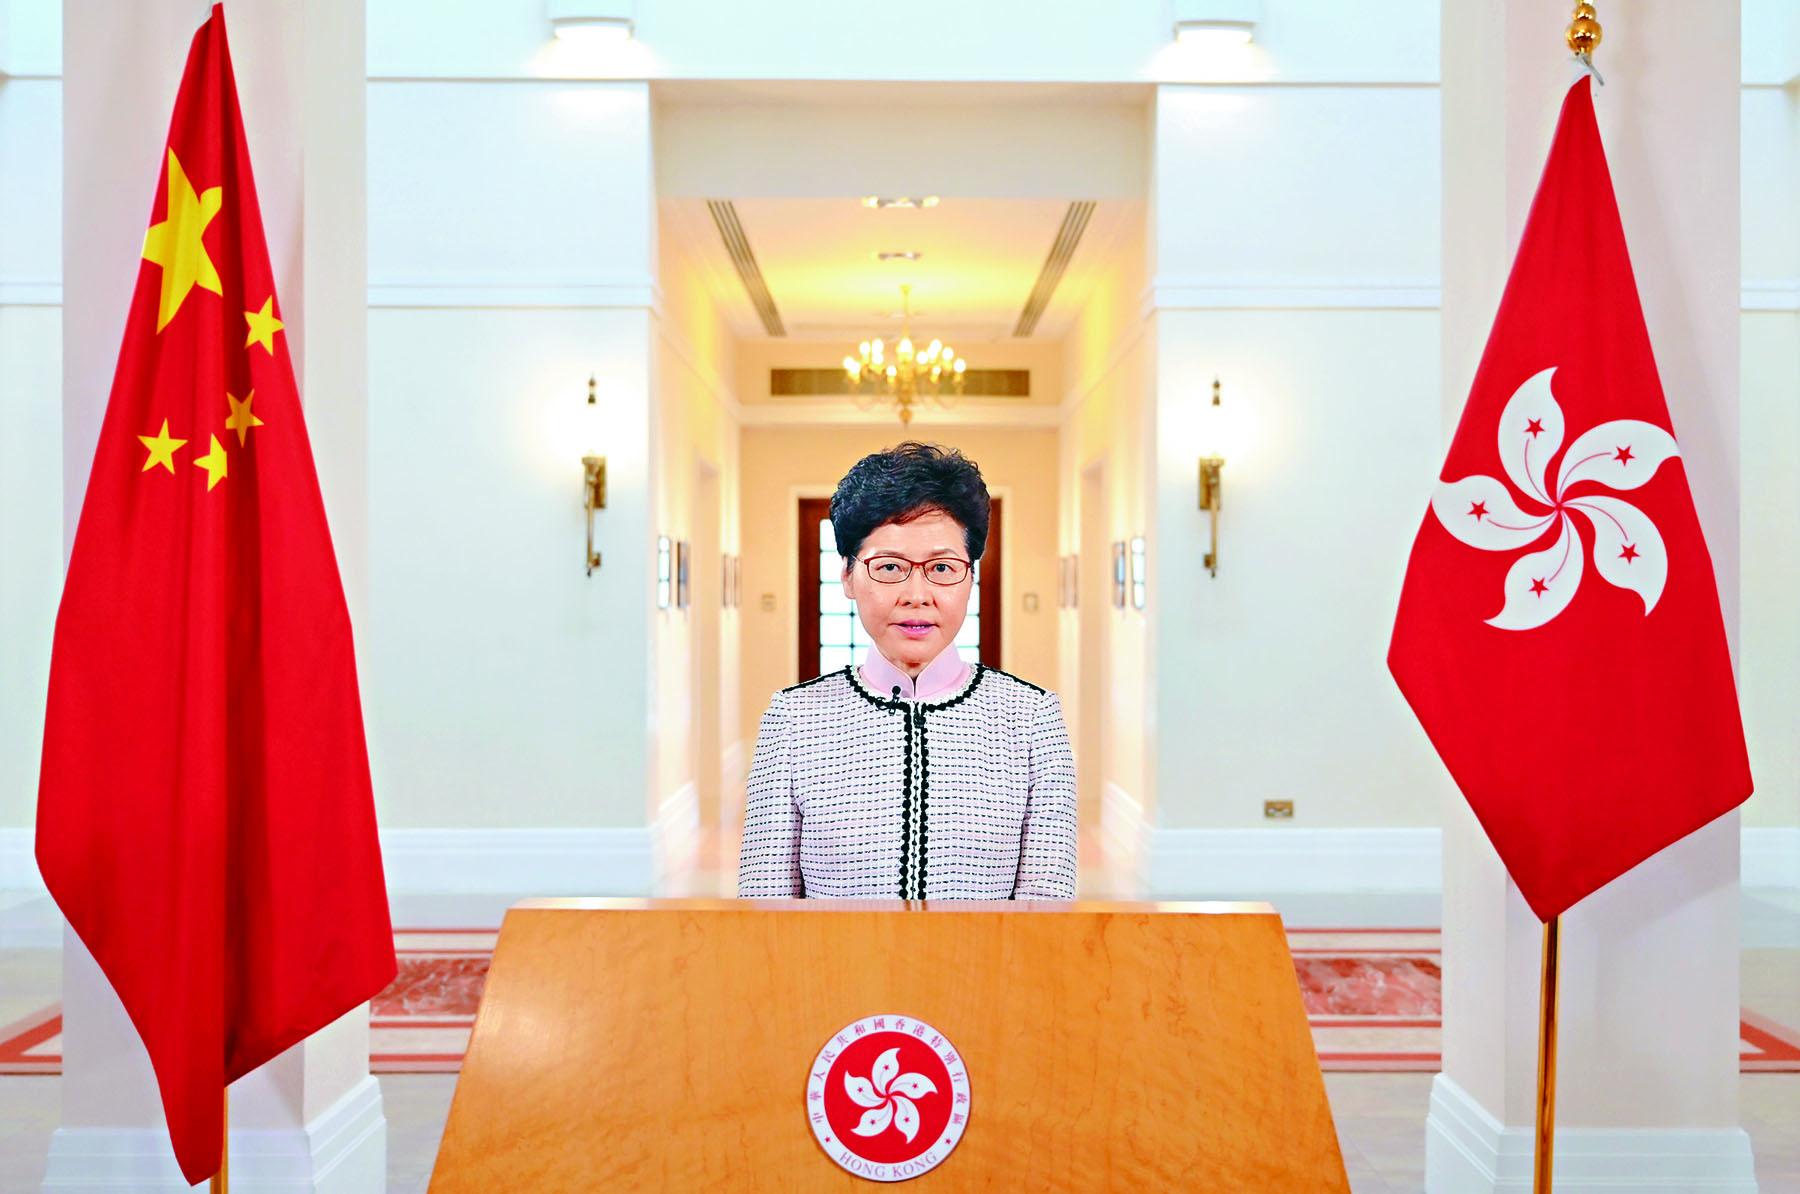 行政長官林鄭月娥昨日透過視像,向市民發表任內第三份施政報告。